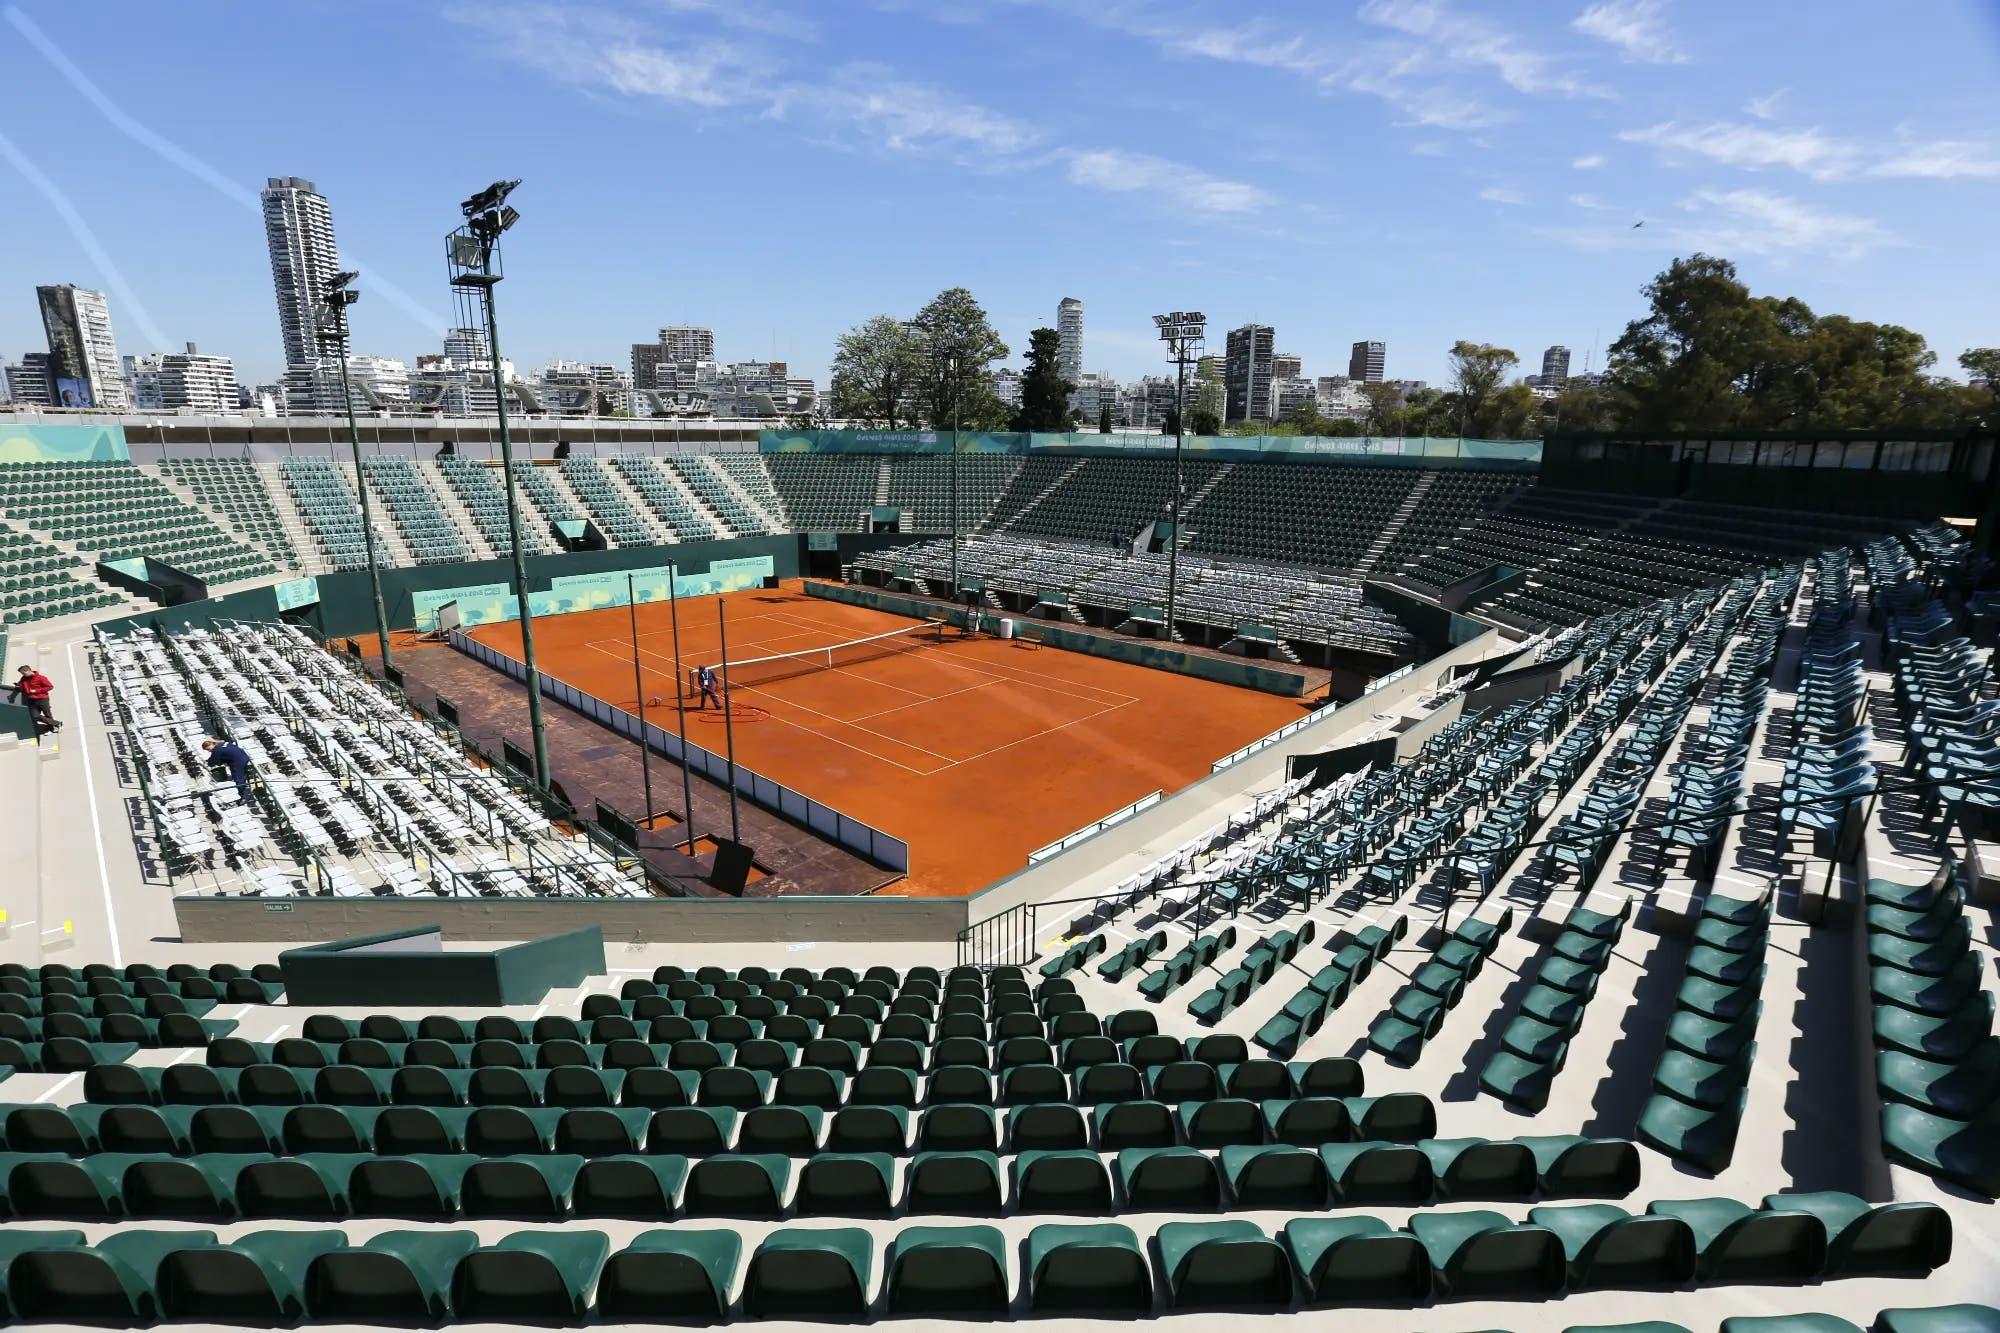 Gran impulso para el segundo y tercer nivel del tenis sudamericano: la gira de 36 torneos que llega en 2021